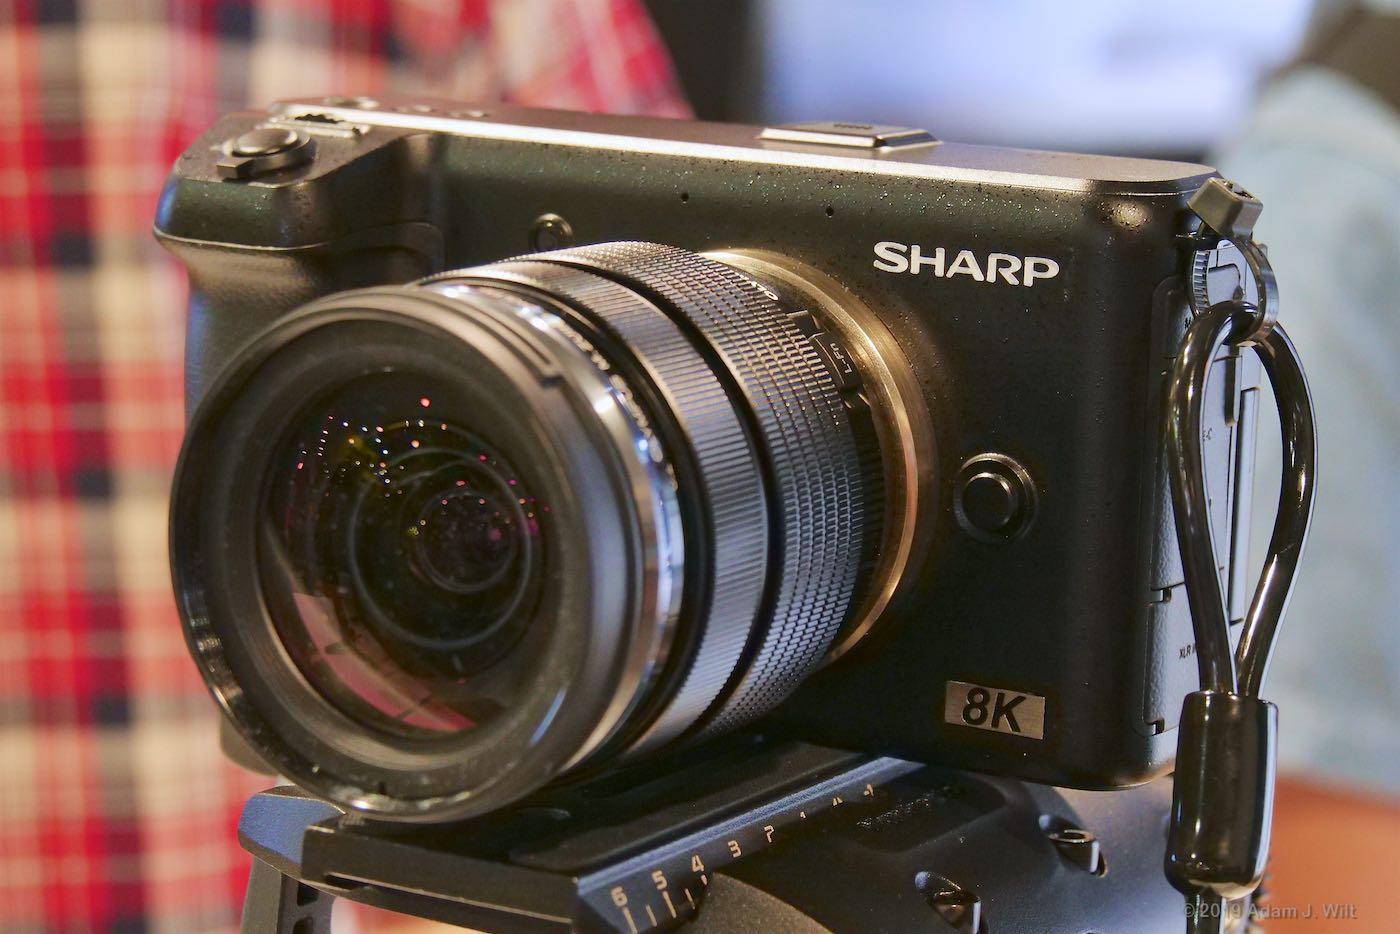 Sharp 8K MFT camcorder